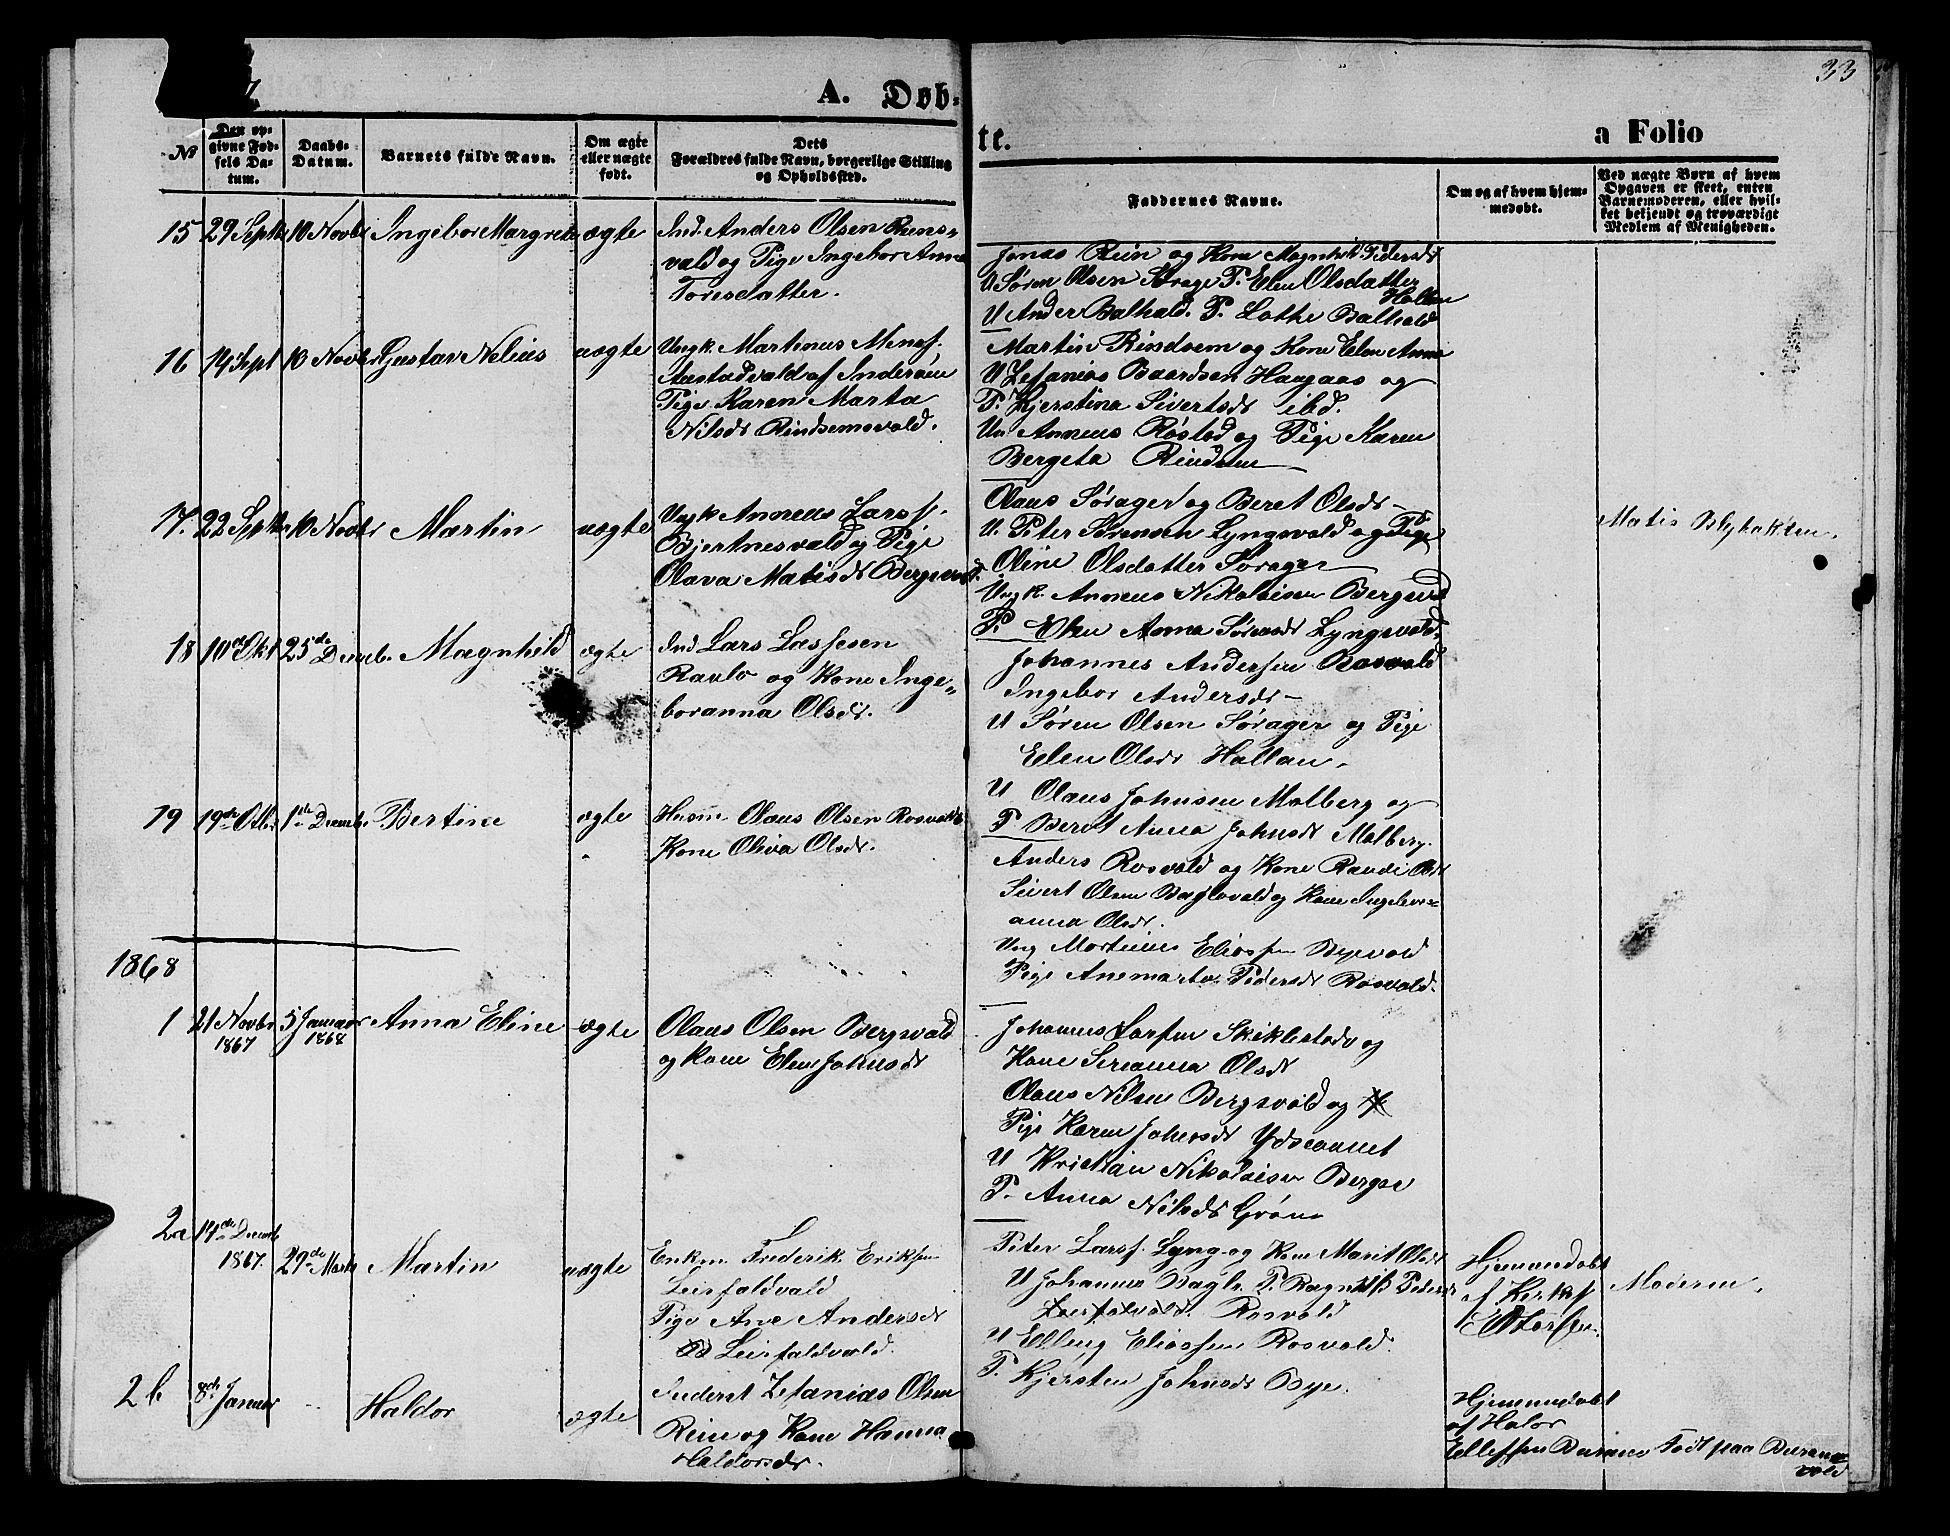 SAT, Ministerialprotokoller, klokkerbøker og fødselsregistre - Nord-Trøndelag, 726/L0270: Klokkerbok nr. 726C01, 1858-1868, s. 33